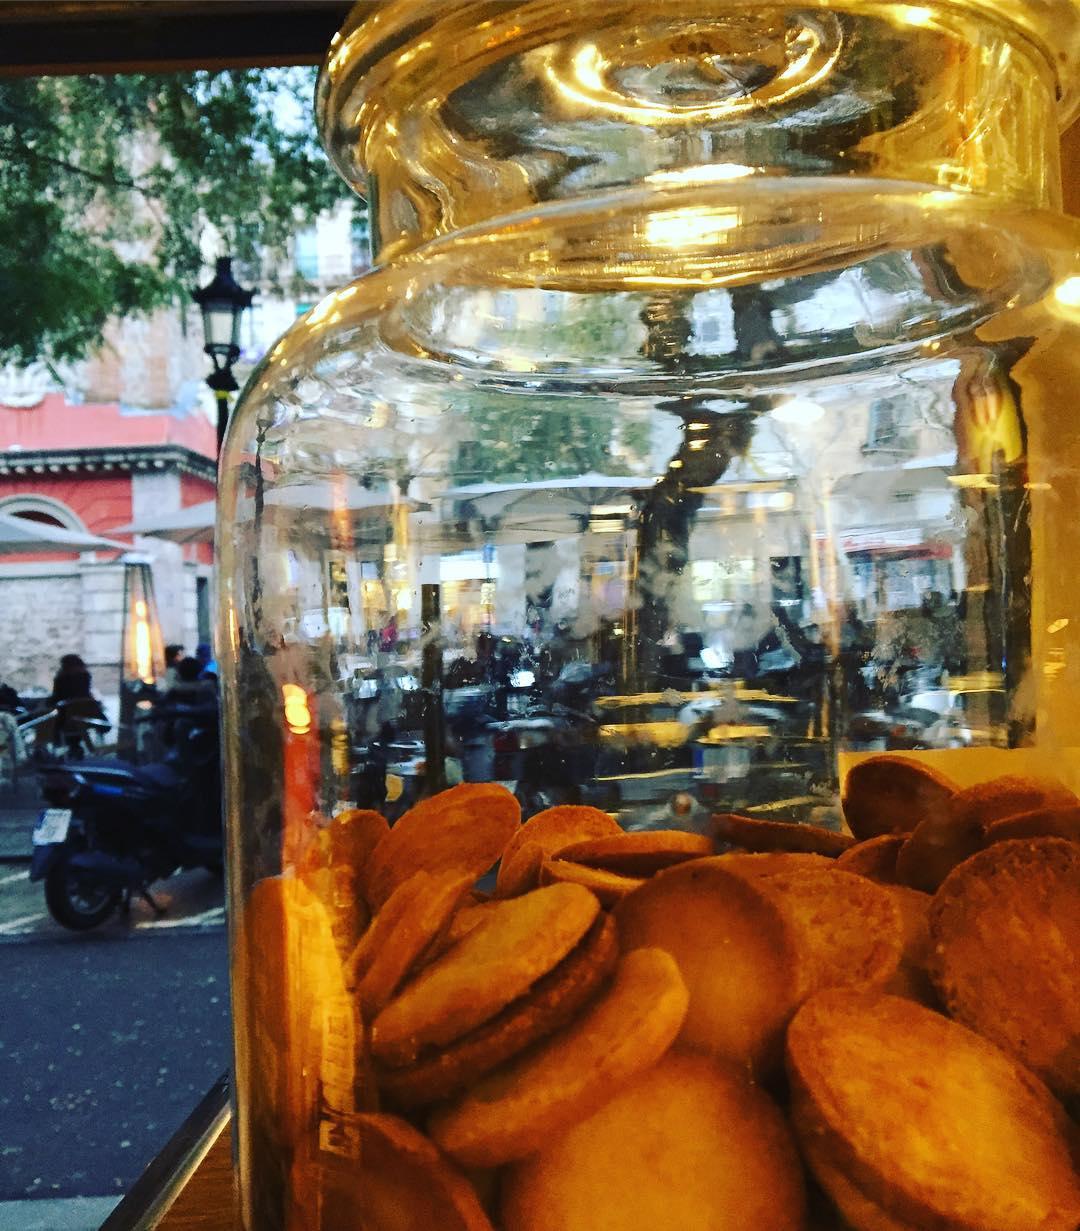 La vida es un riquísimo frasco de galletas ;))